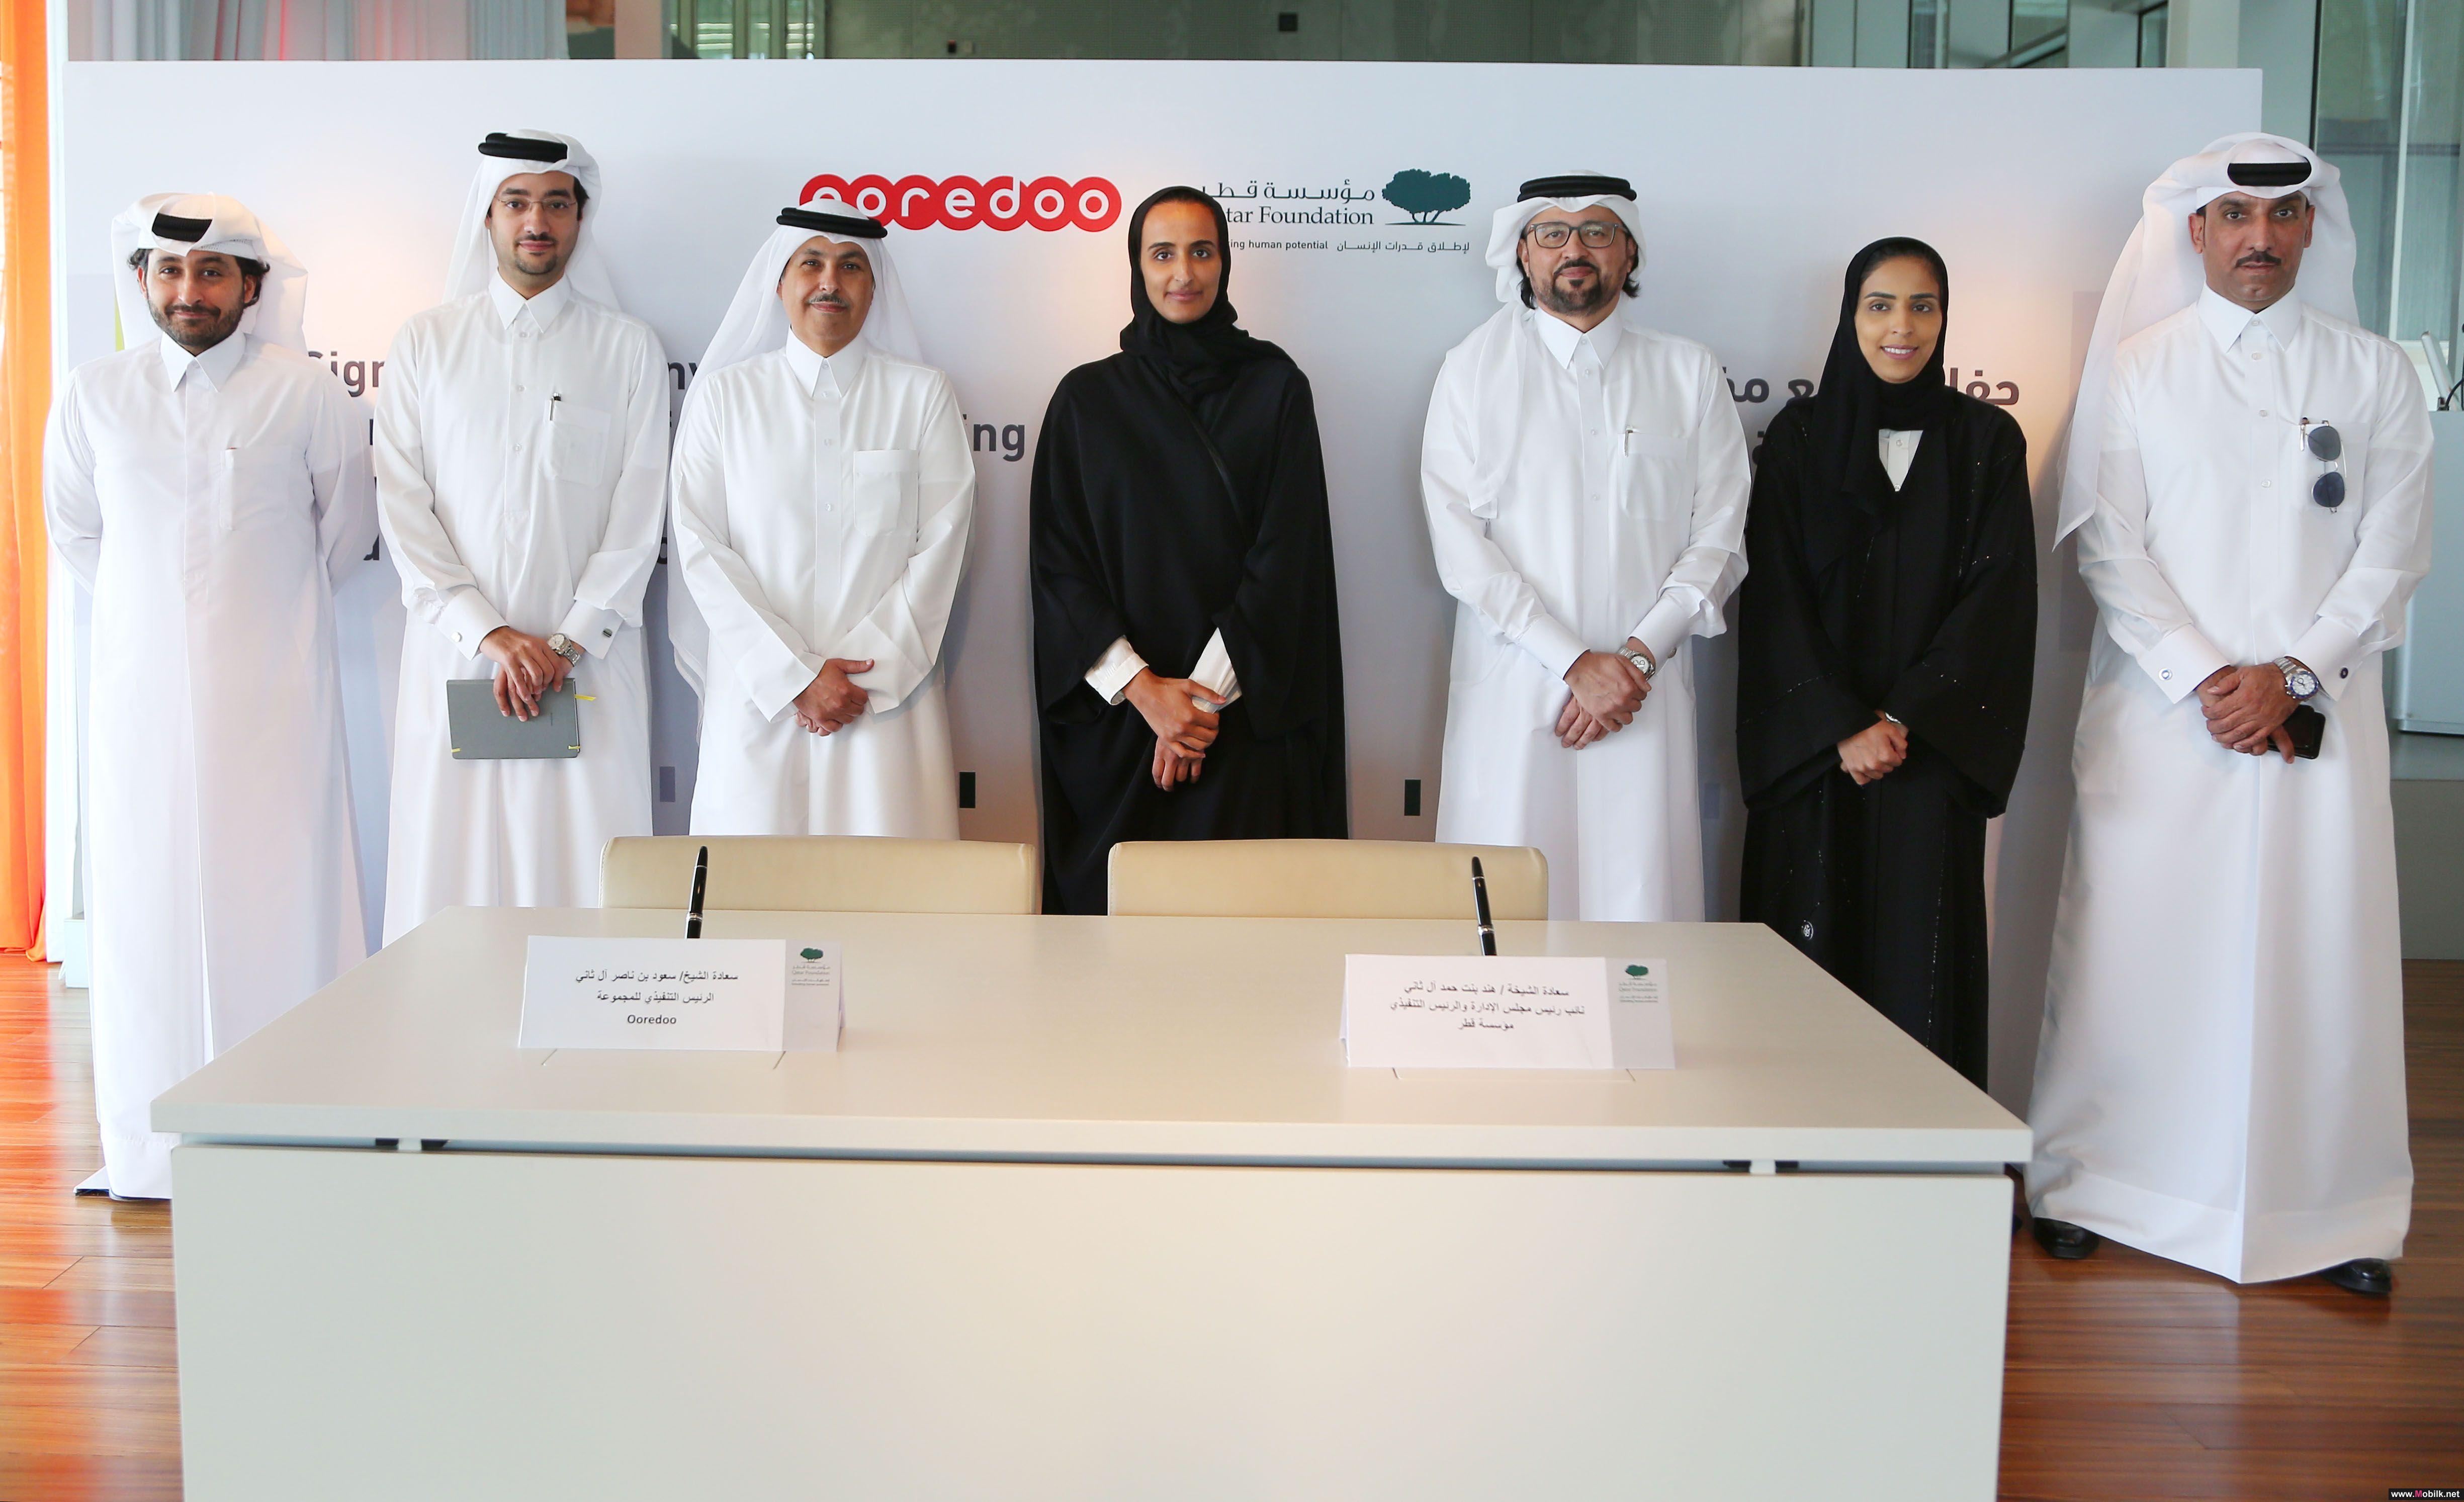 مؤسسة قطر ومجموعة Ooredoo تطلقان مبادرة تعاون مشترك جديدة